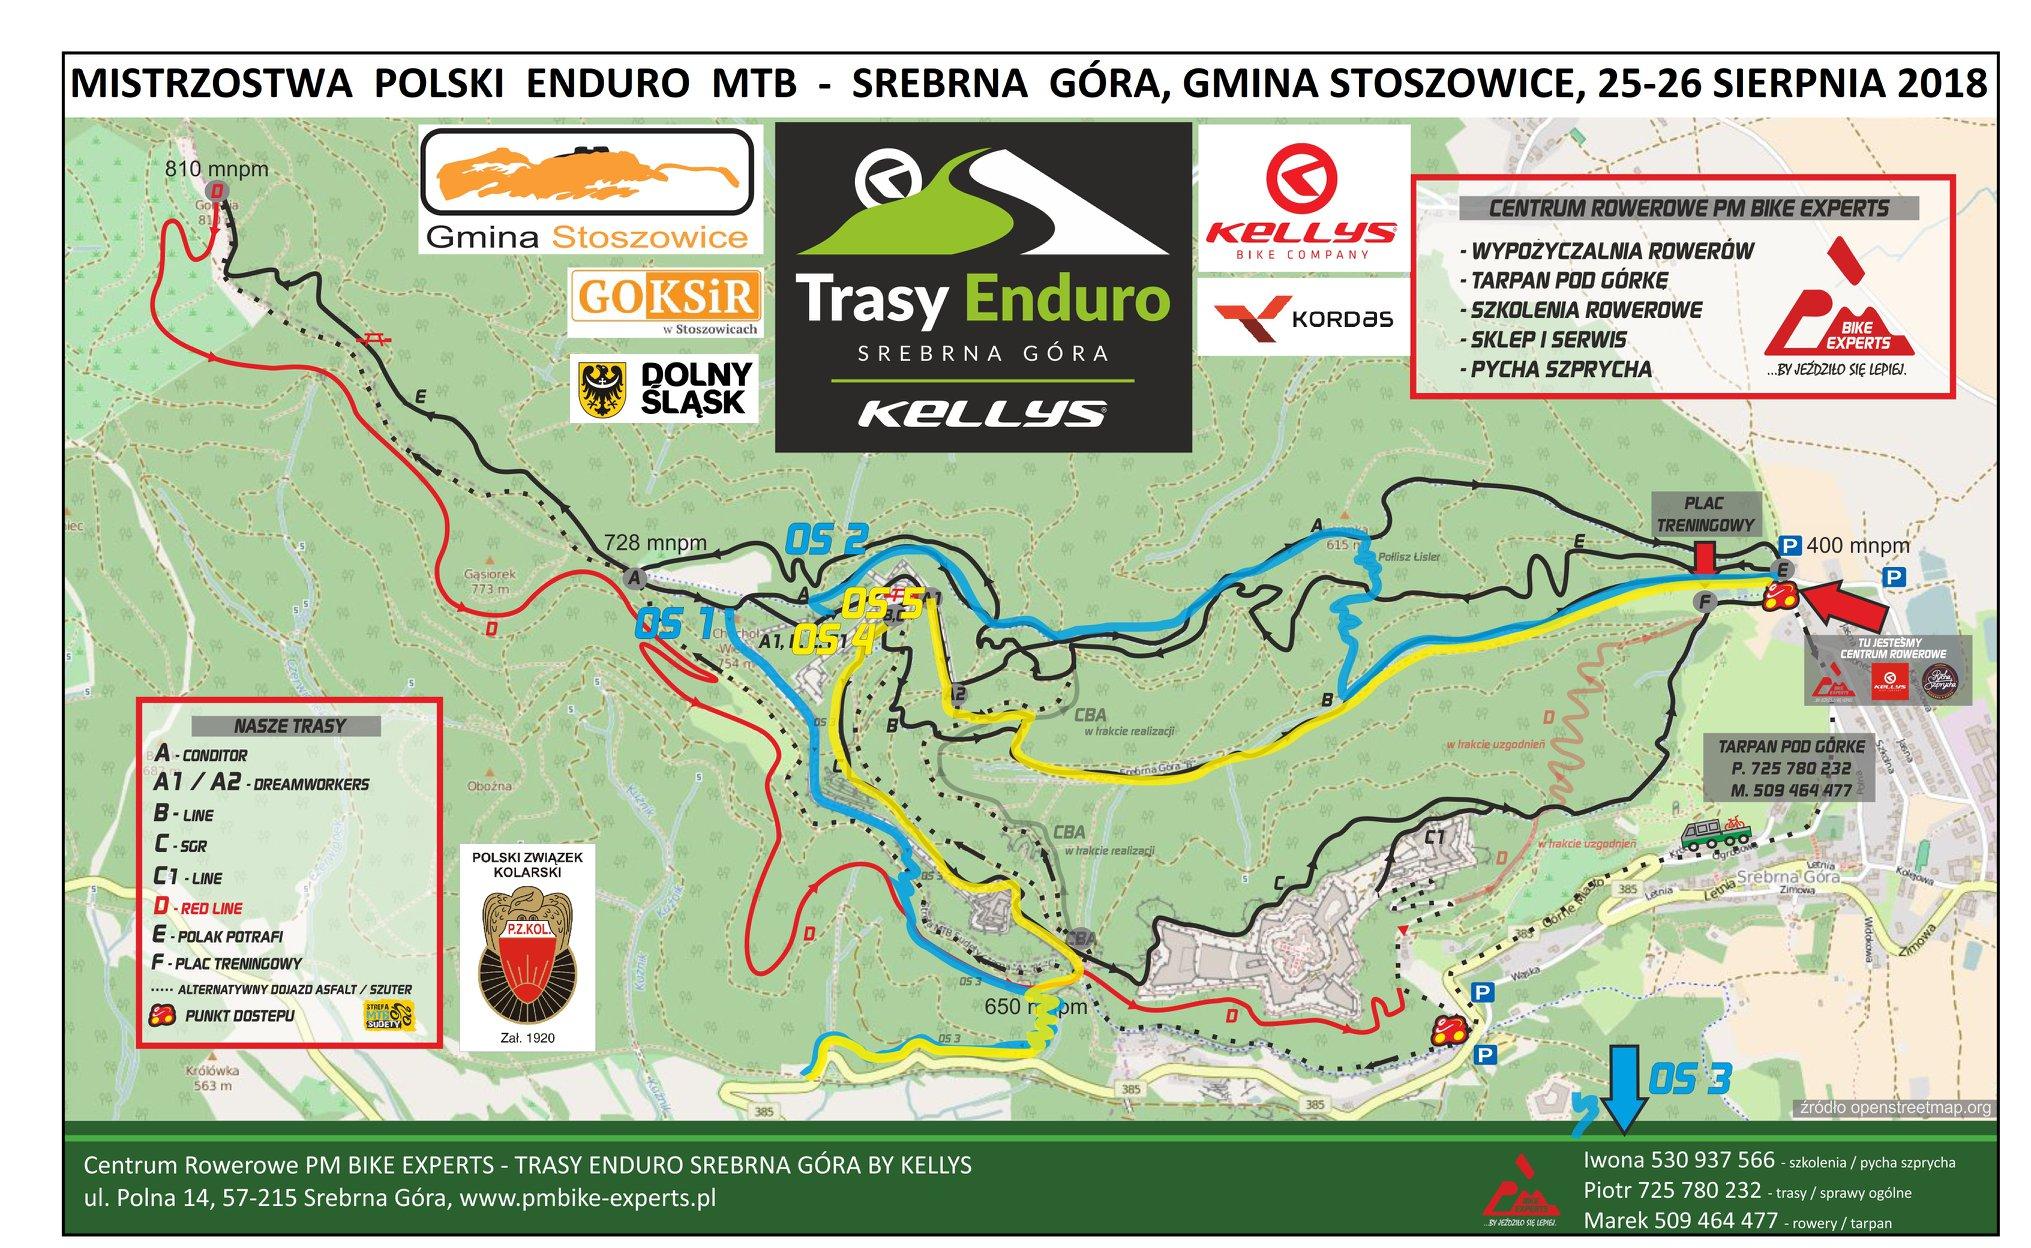 Mistrzostw Polski Enduro - mapa